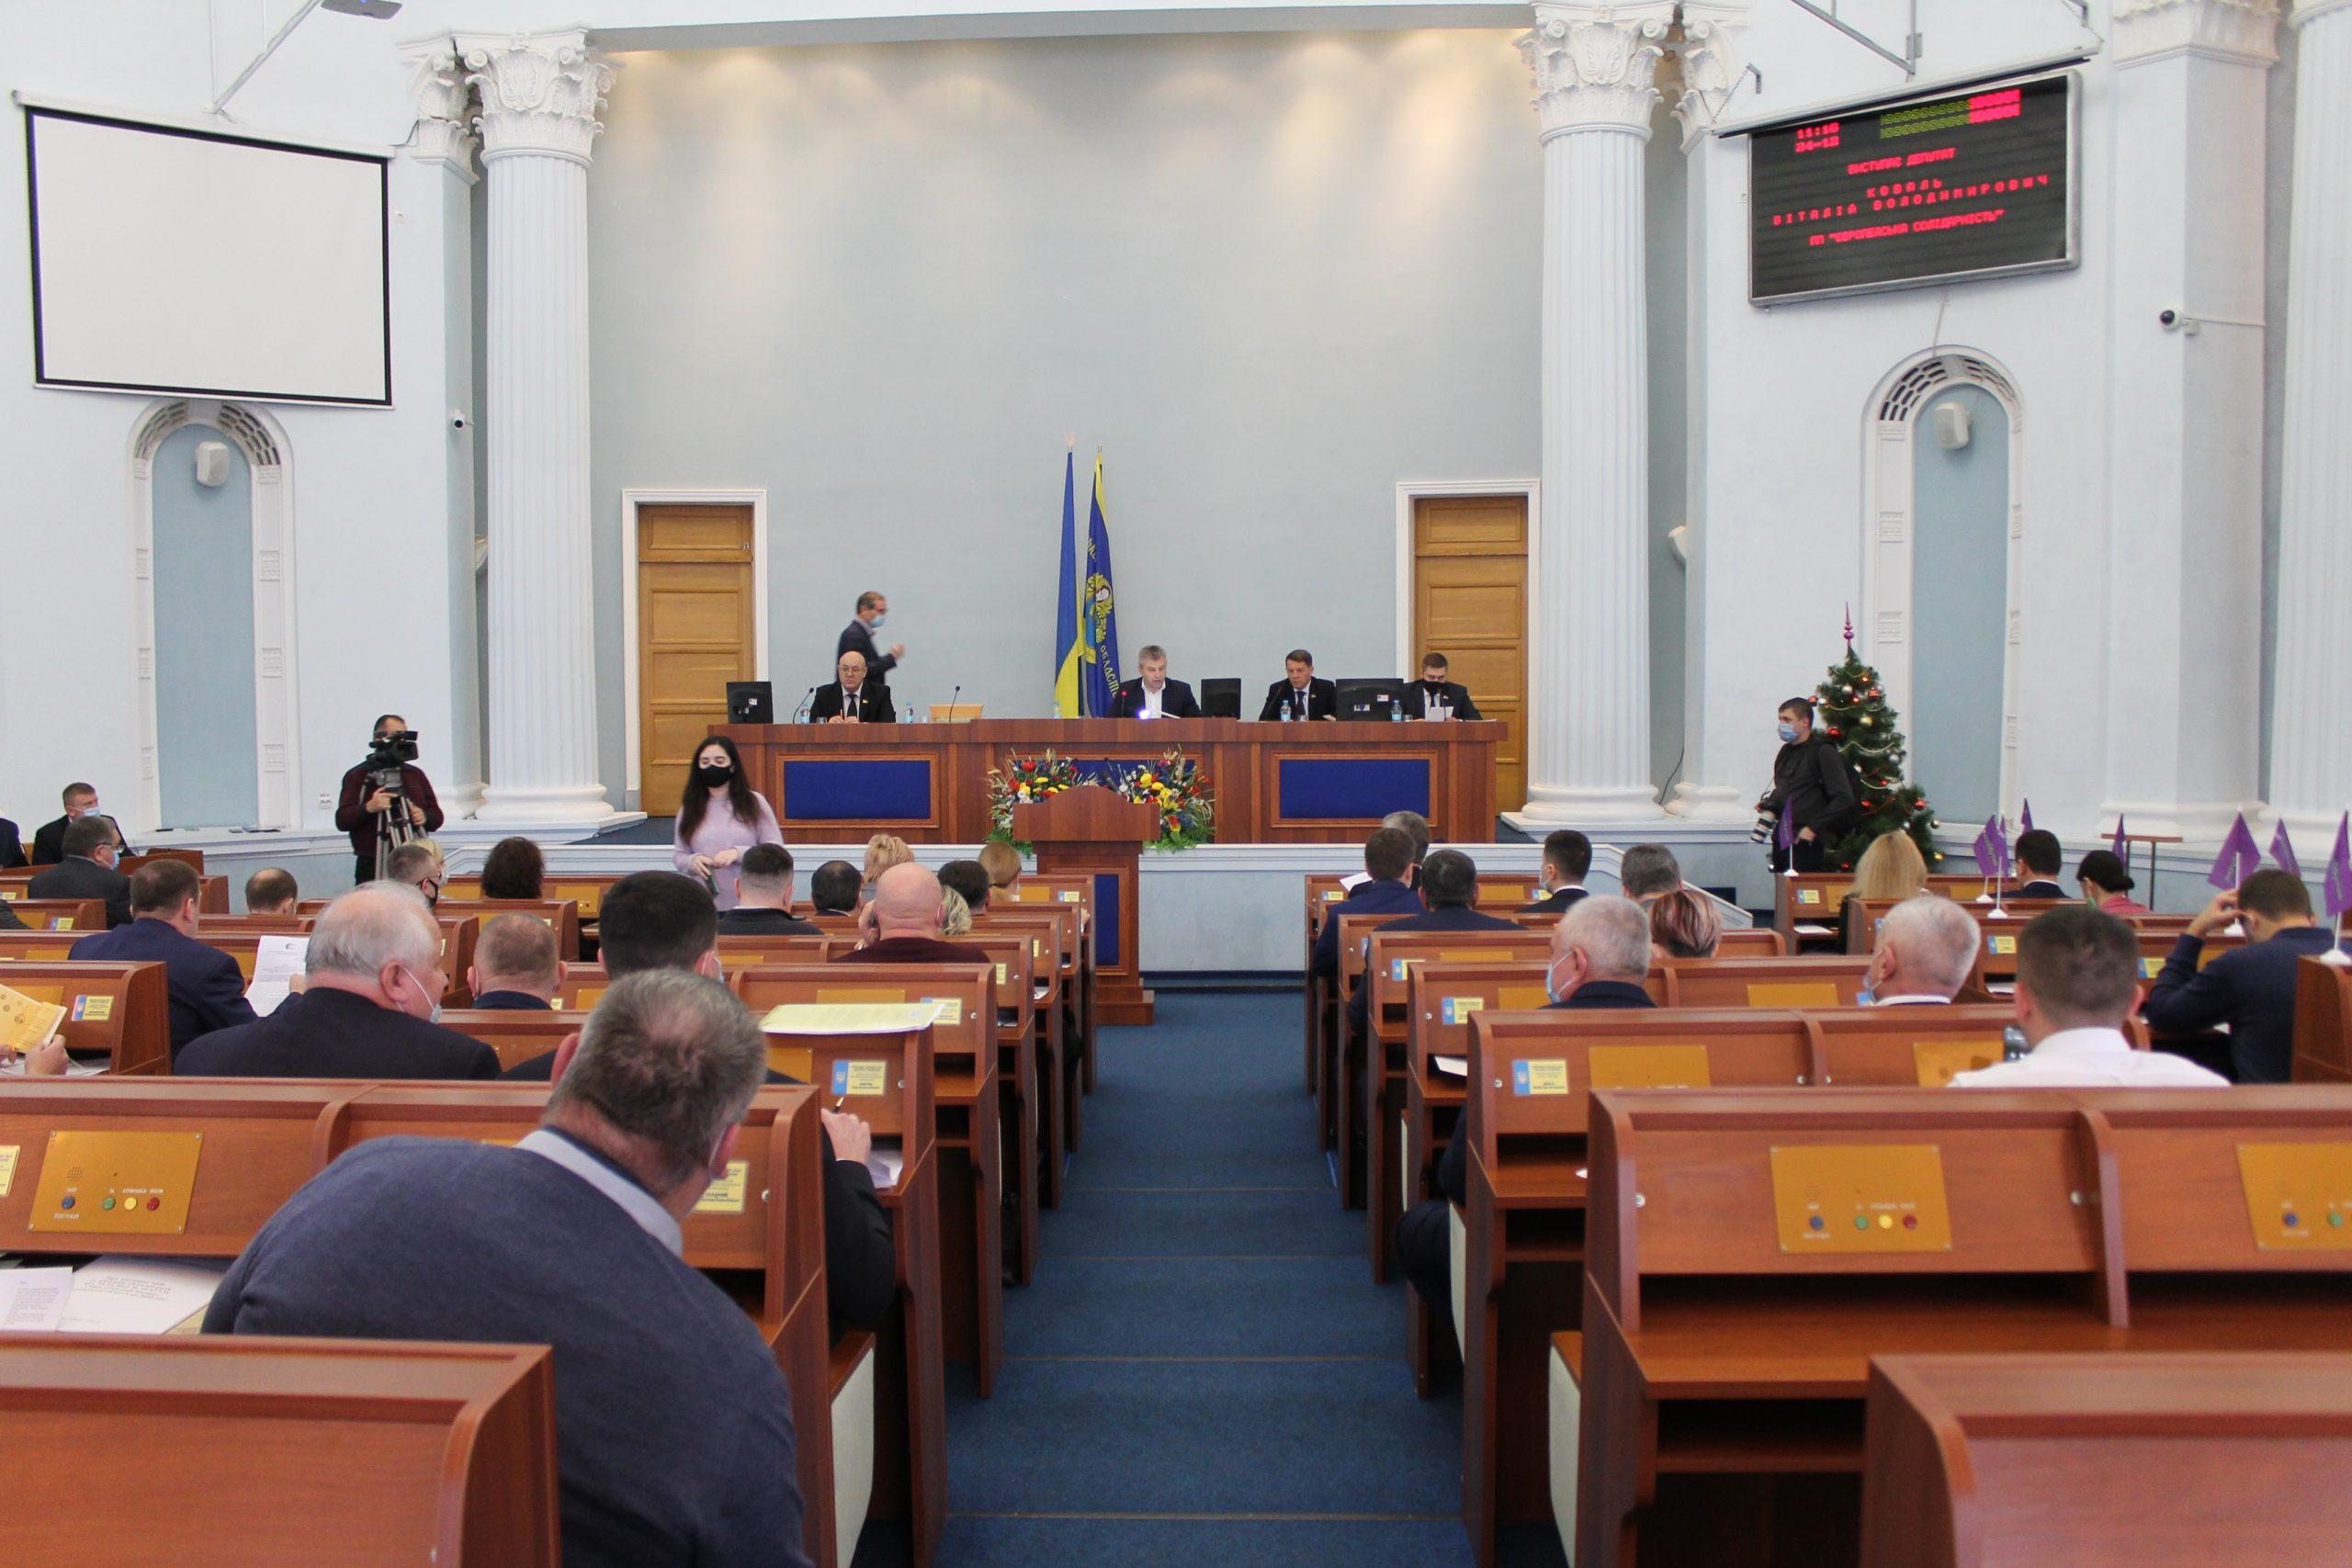 Засідання сесії Обласної ради відбулося в Черкасах (ФОТО)